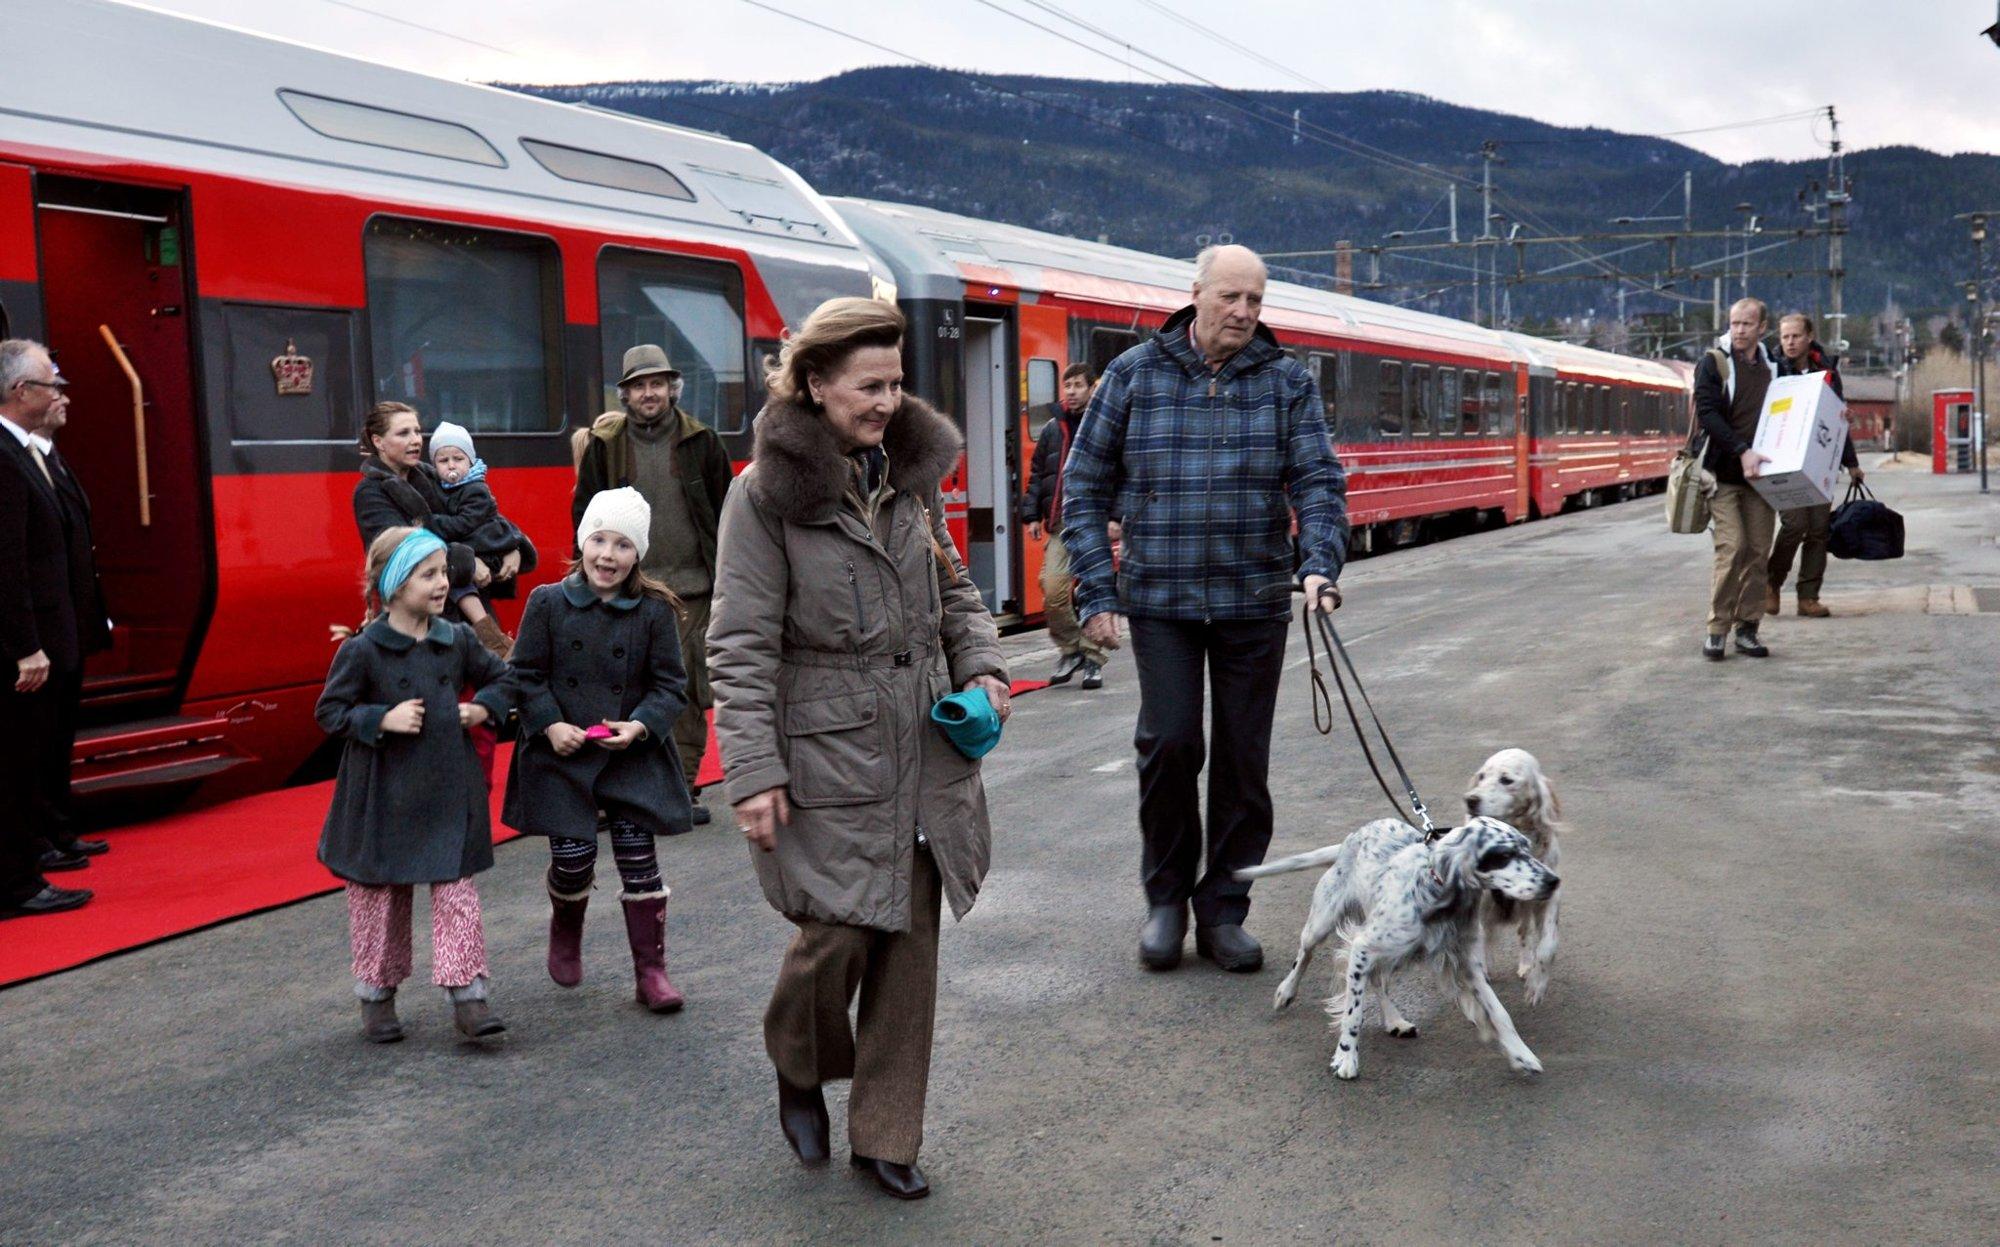 Королевская пара + семья дочери, с Ари Беном и детьми по пути в Prinsehytta, пасхальные каникулы 2012 г.